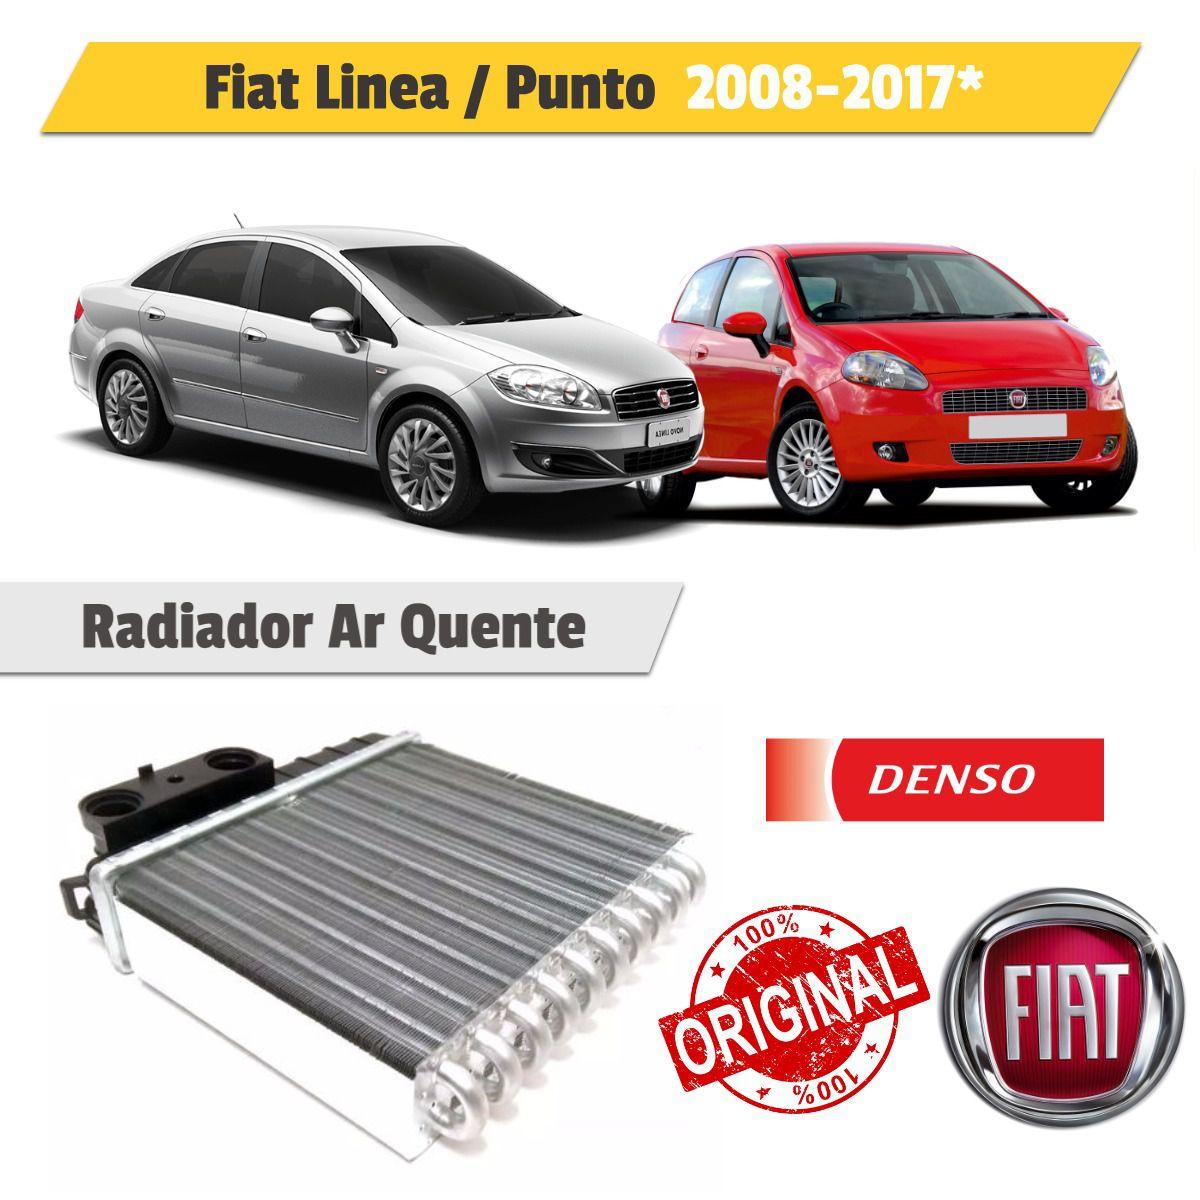 Radiador Ar Quente Punto 2008 a 2016 Linea 2008 a 2016 - Denso